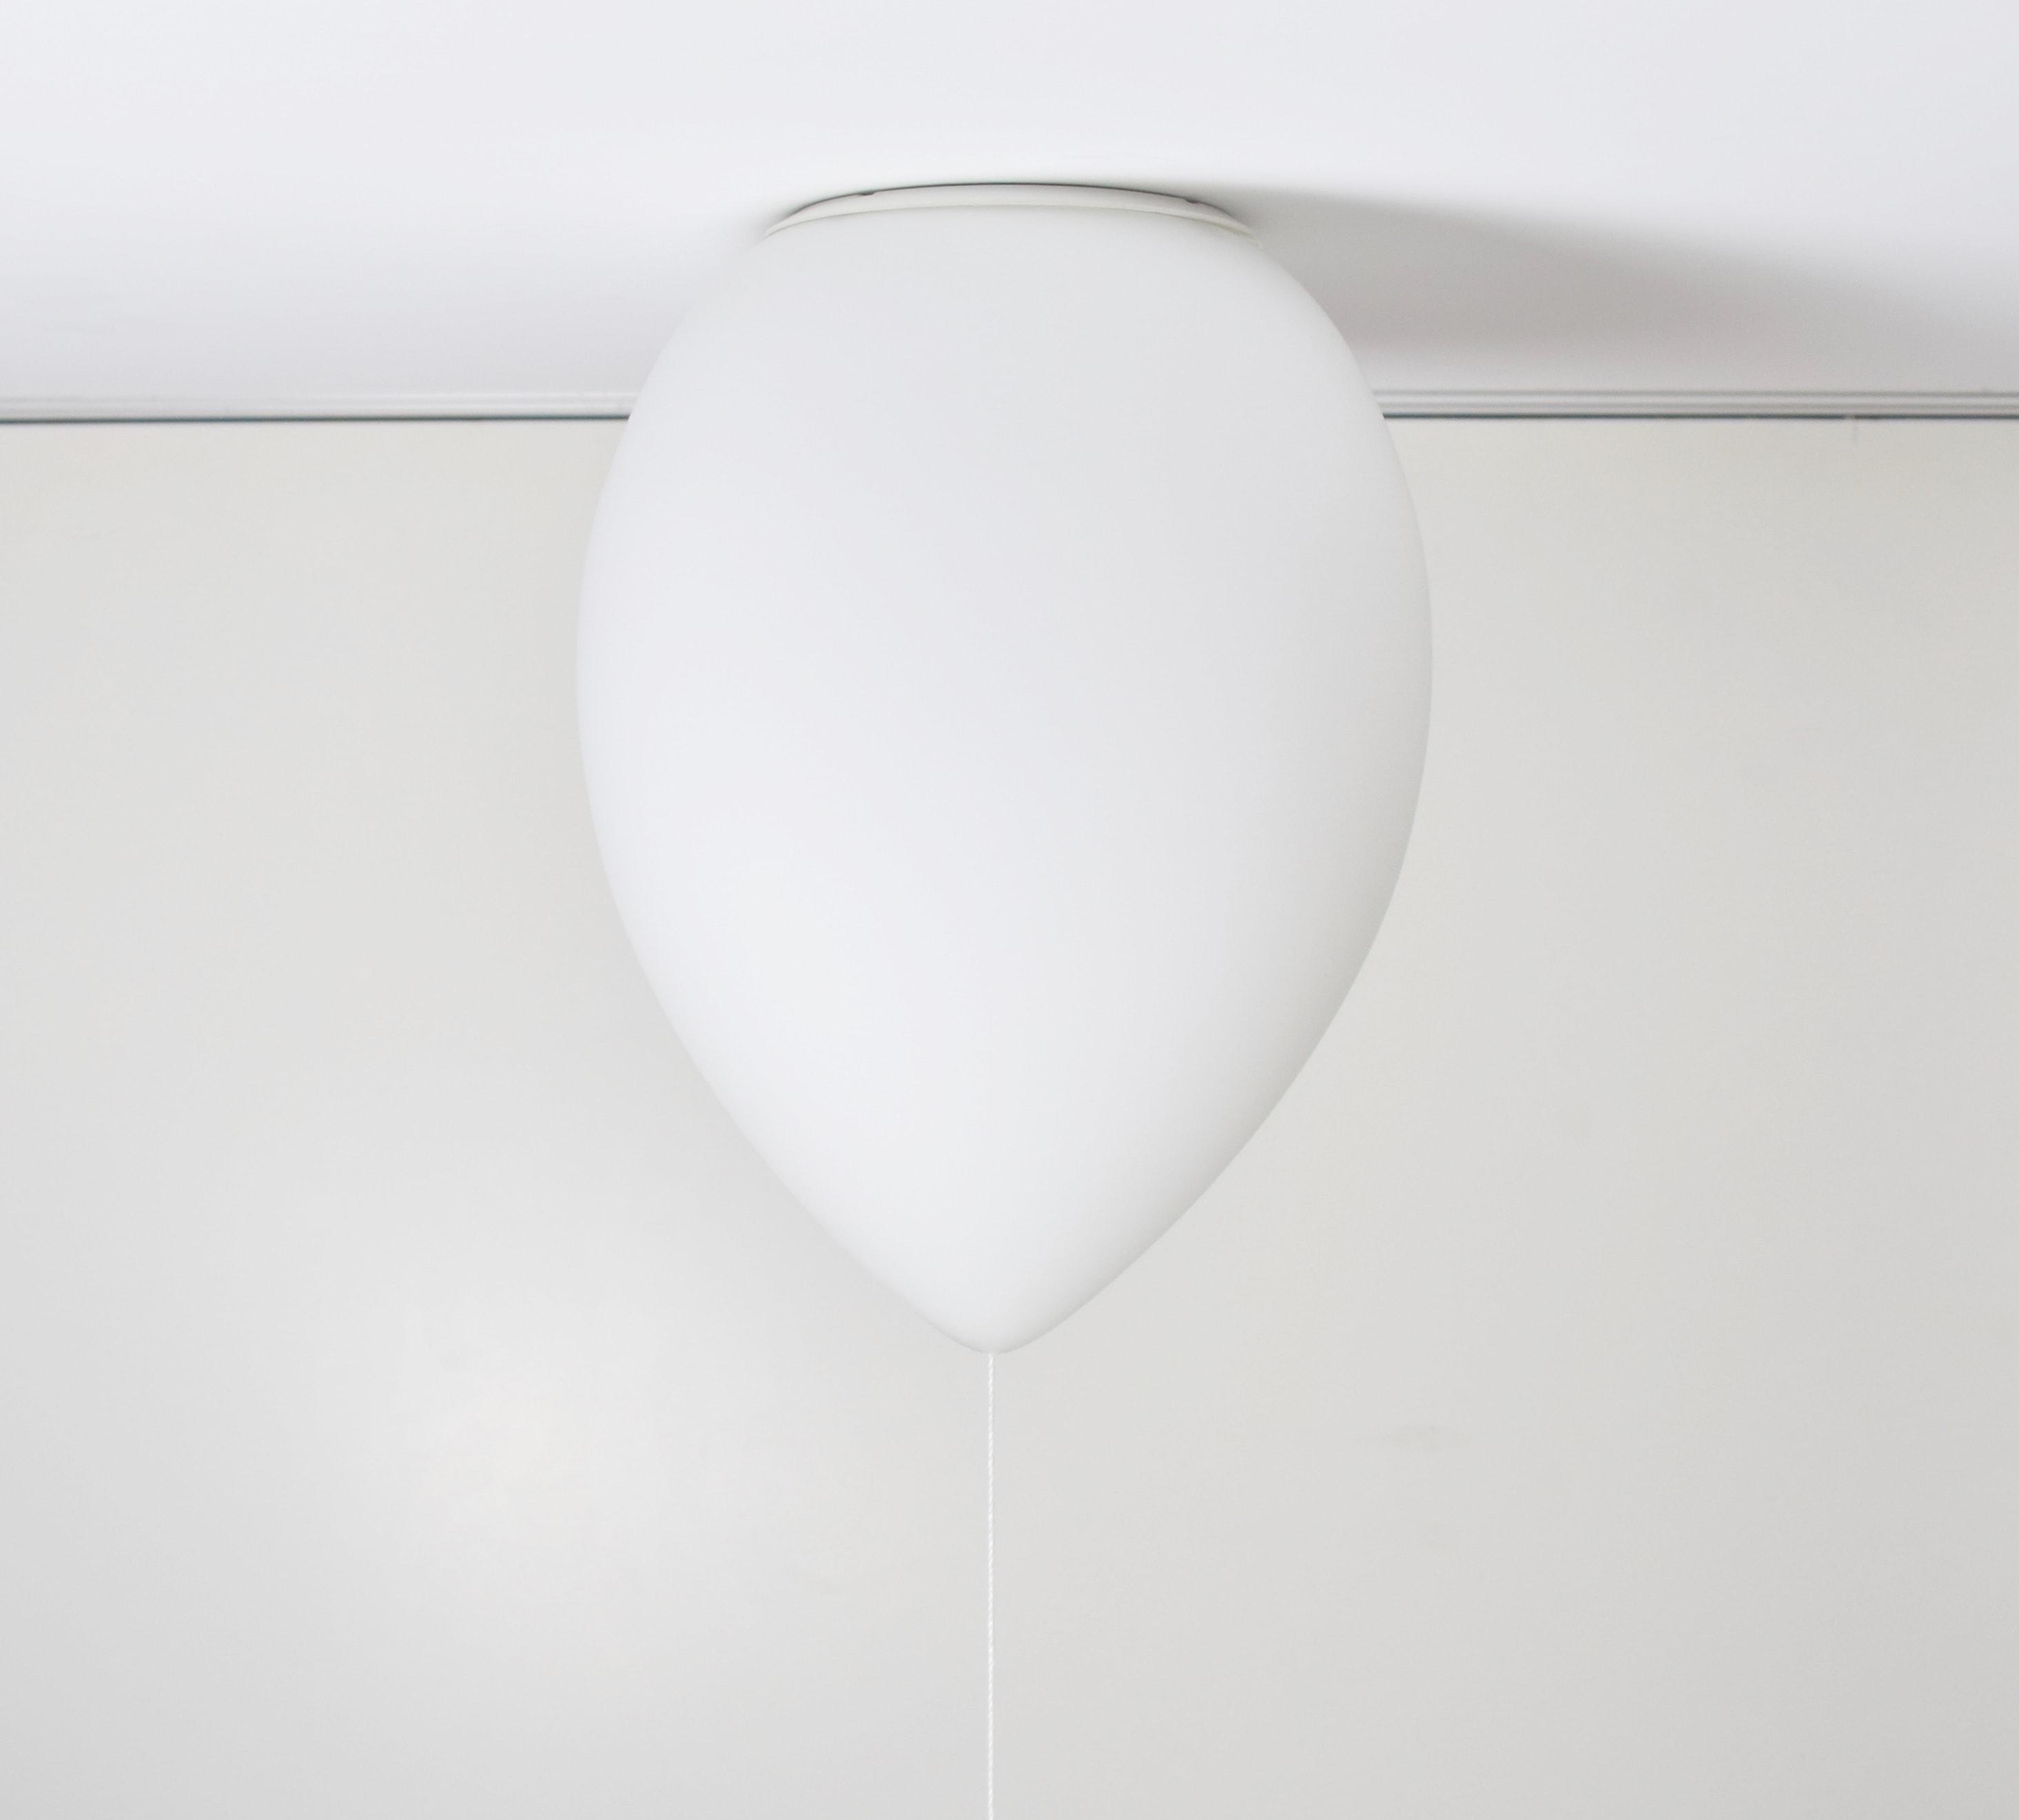 白玉氣球吸頂燈-BNL00119 2